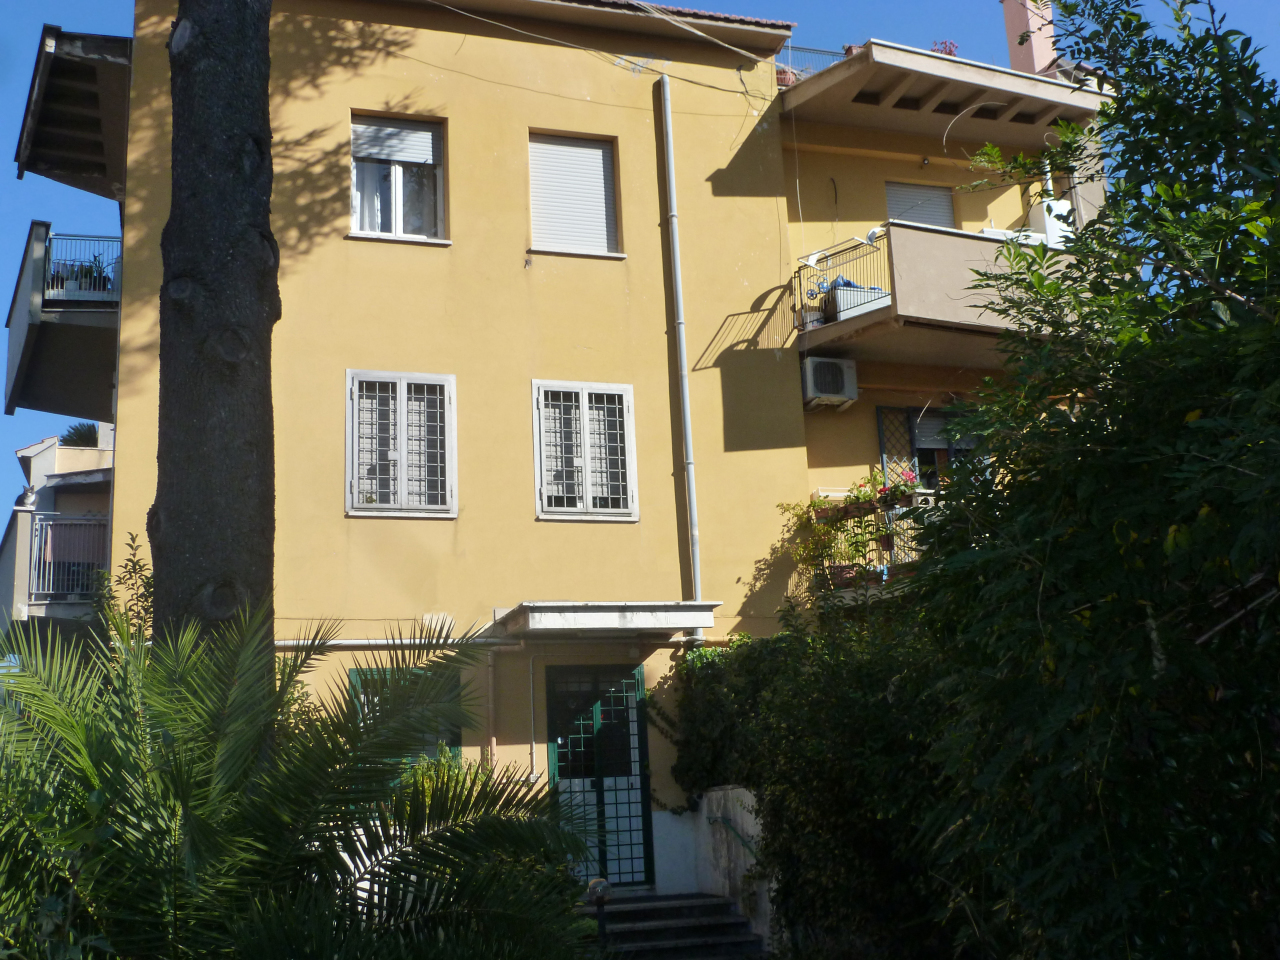 Appartamento in vendita a Grottaferrata, 5 locali, prezzo € 349.000 | Cambio Casa.it